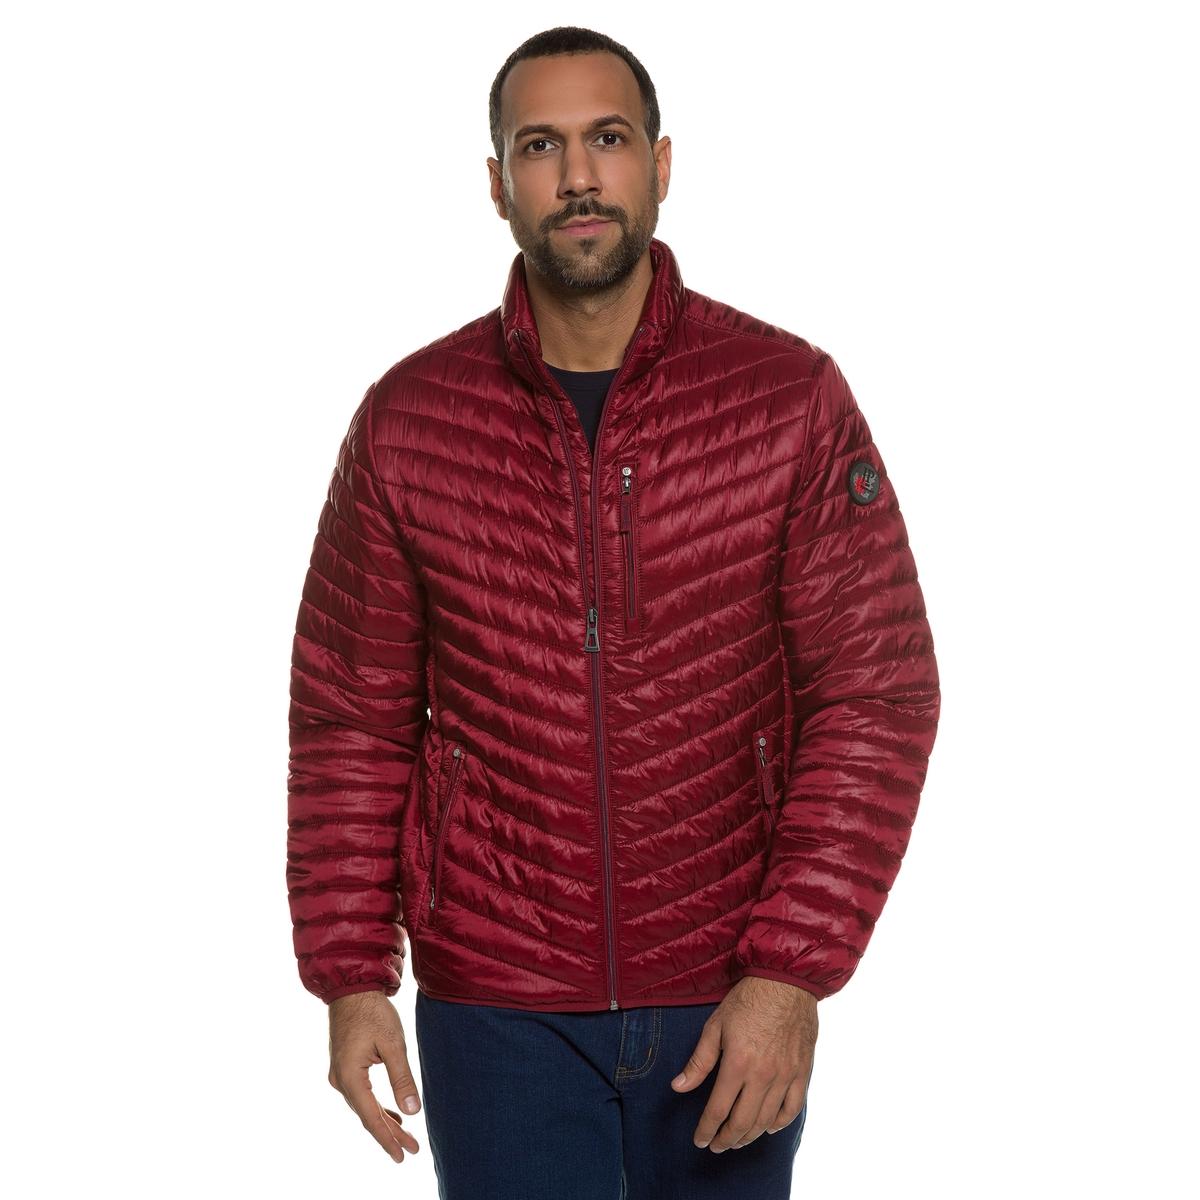 Куртка стеганаяСтеганая куртка JP1880. 100% полиамид. Подкладка: 100% полиамид.Удобная стеганая куртка. Съемный значок на рукаве. Прямой воротник, застёжка на молнию и 2 кармана на молнии. Эластичные края рукавов и низа. Длина в зависимости от размера от 70 до  79,5 см<br><br>Цвет: красный темный<br>Размер: L.5XL.4XL.3XL.XXL.6XL